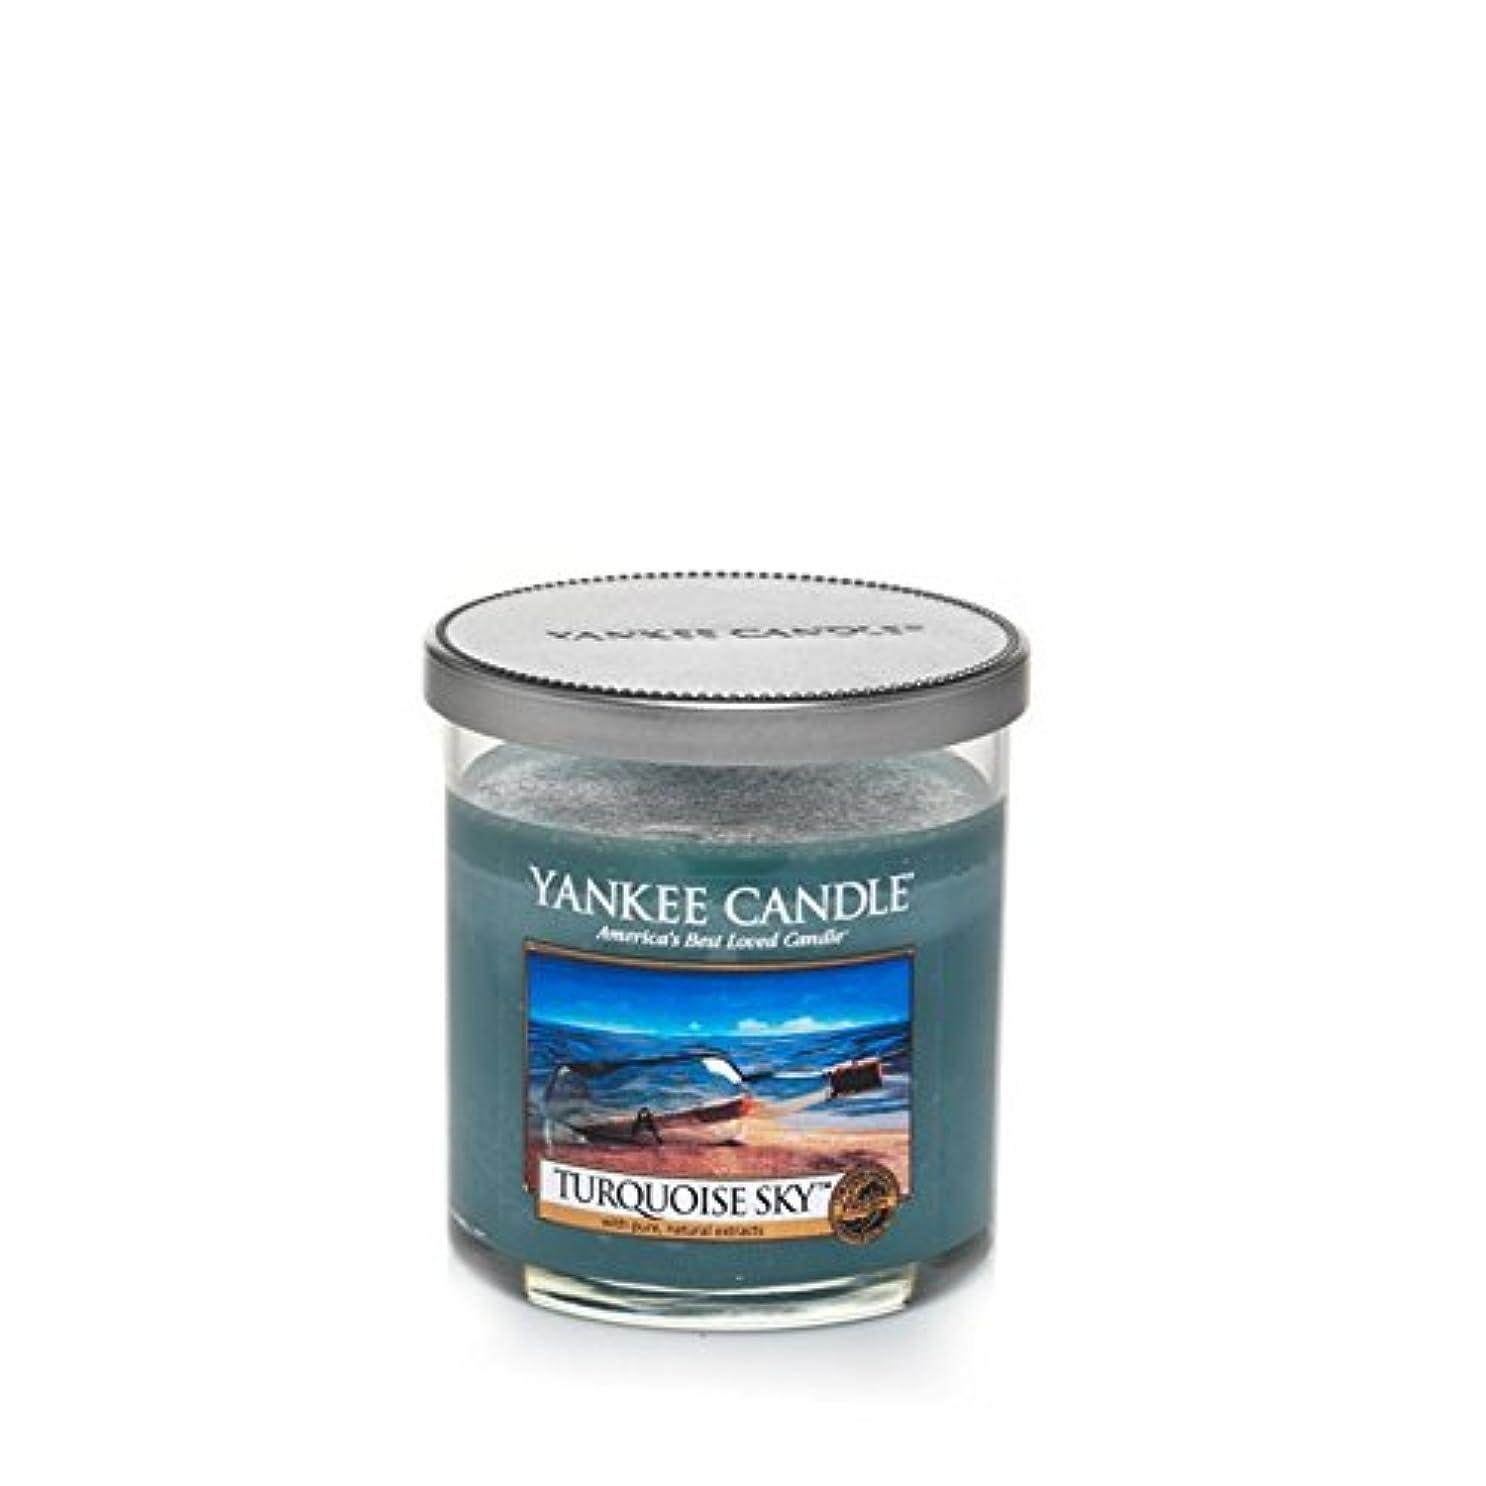 試用復讐ラフトヤンキーキャンドルの小さな柱キャンドル - ターコイズの空 - Yankee Candles Small Pillar Candle - Turquoise Sky (Yankee Candles) [並行輸入品]